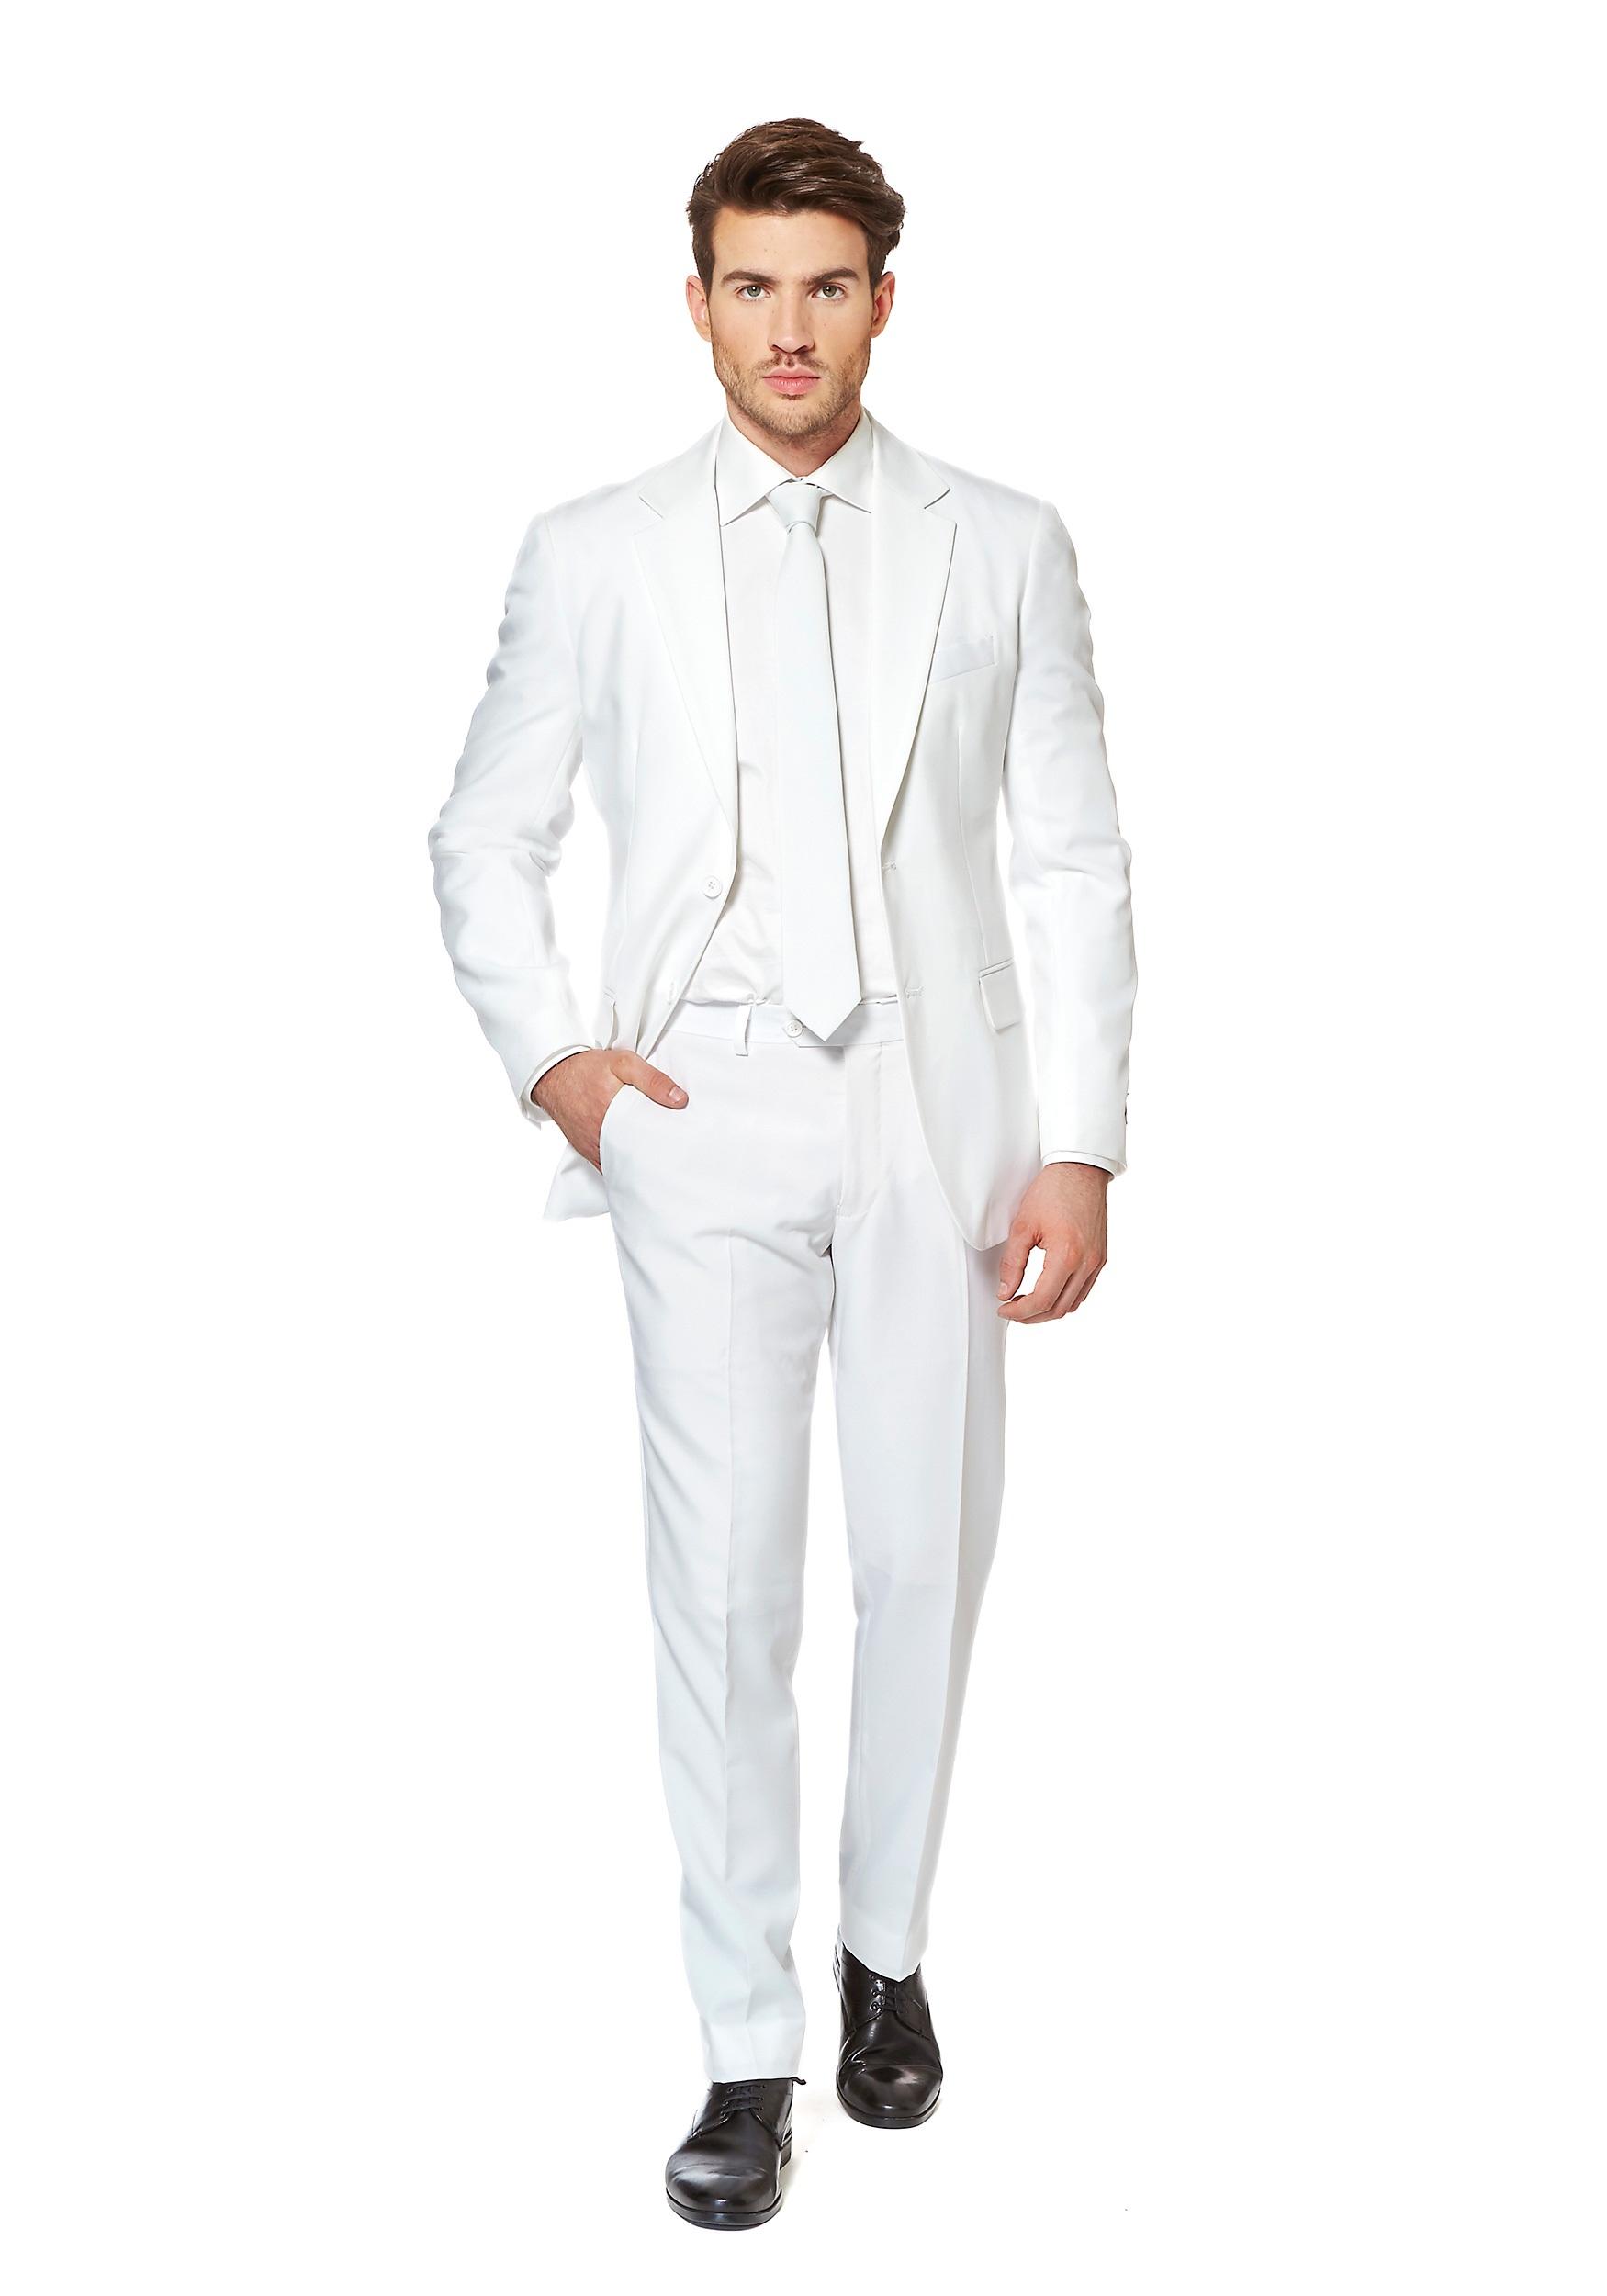 white suits for men menu0027s white knight suit xqfahpk